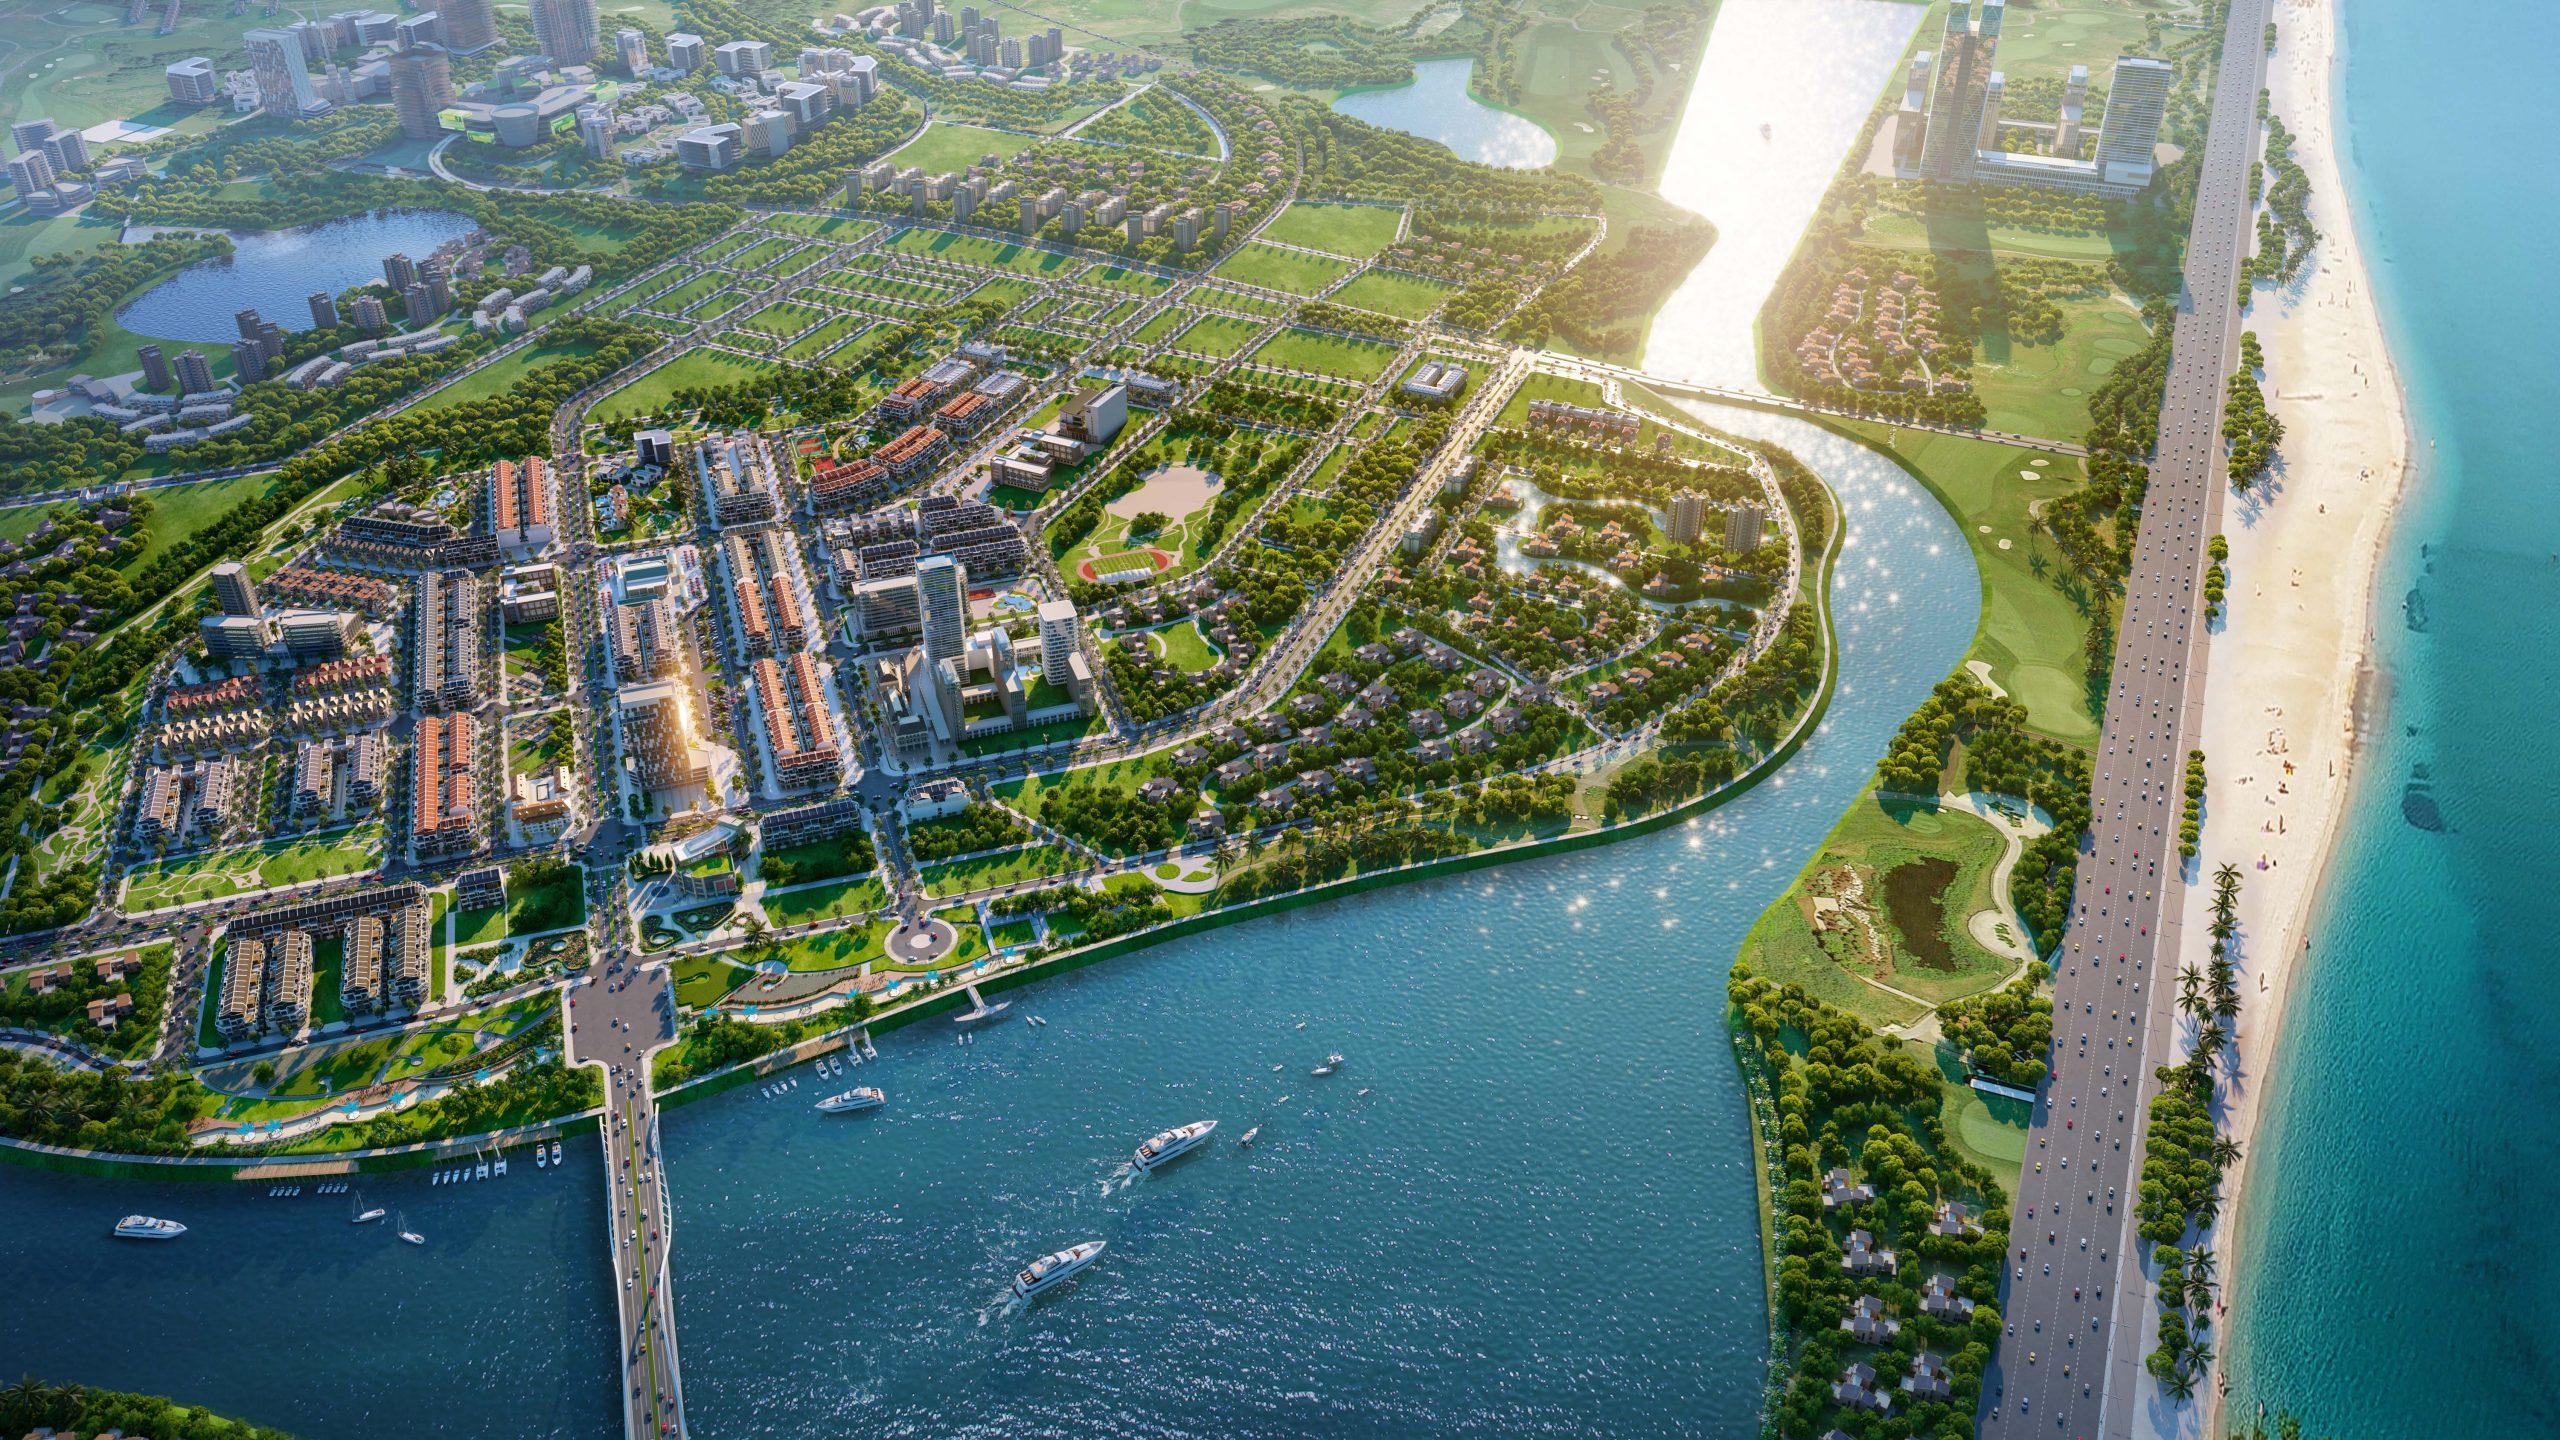 Indochina - Khu Đô Thị Sinh Thái điện âm đầu tiên ven Sông Cổ Cò